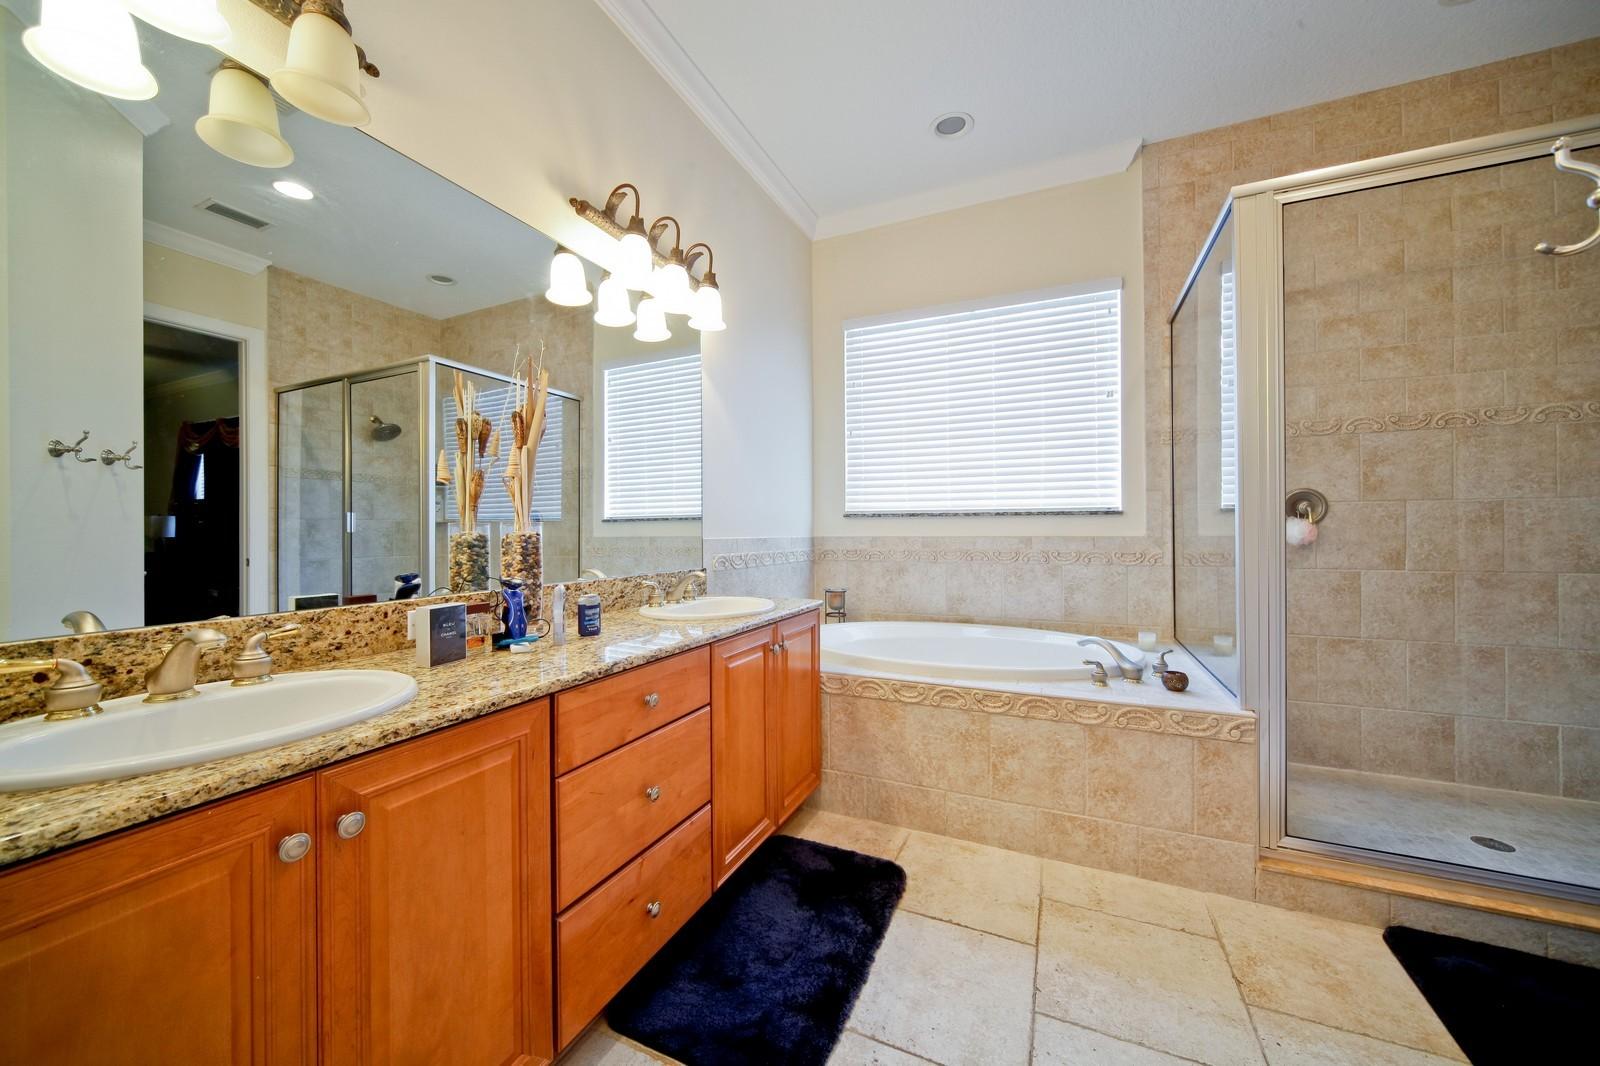 Real Estate Photography - 3812 El Prado Blvd, Tampa, FL, 33629 - Master Bathroom